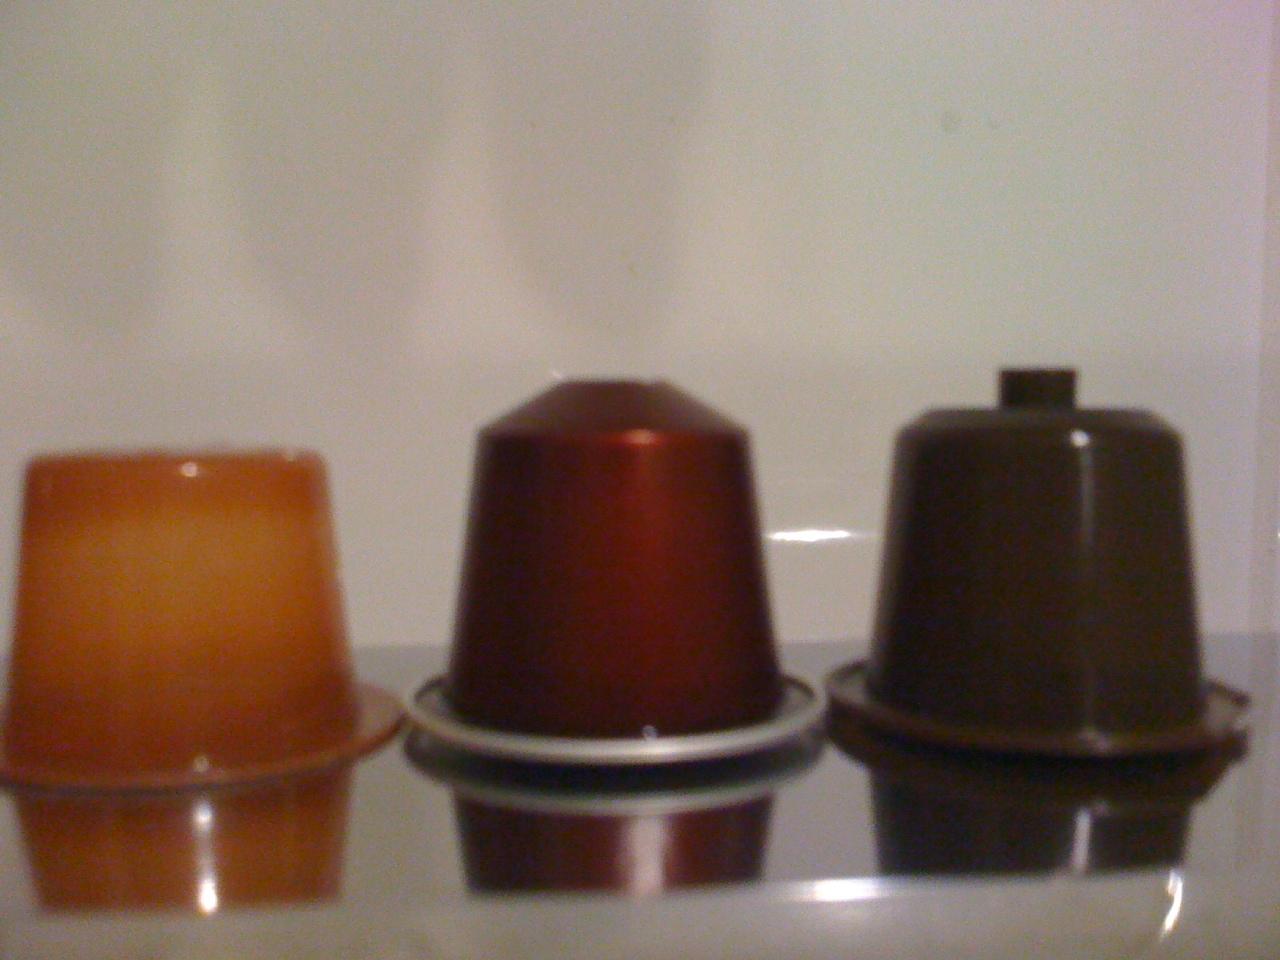 Quantos é necessário beber a canela com o mel da perda de peso